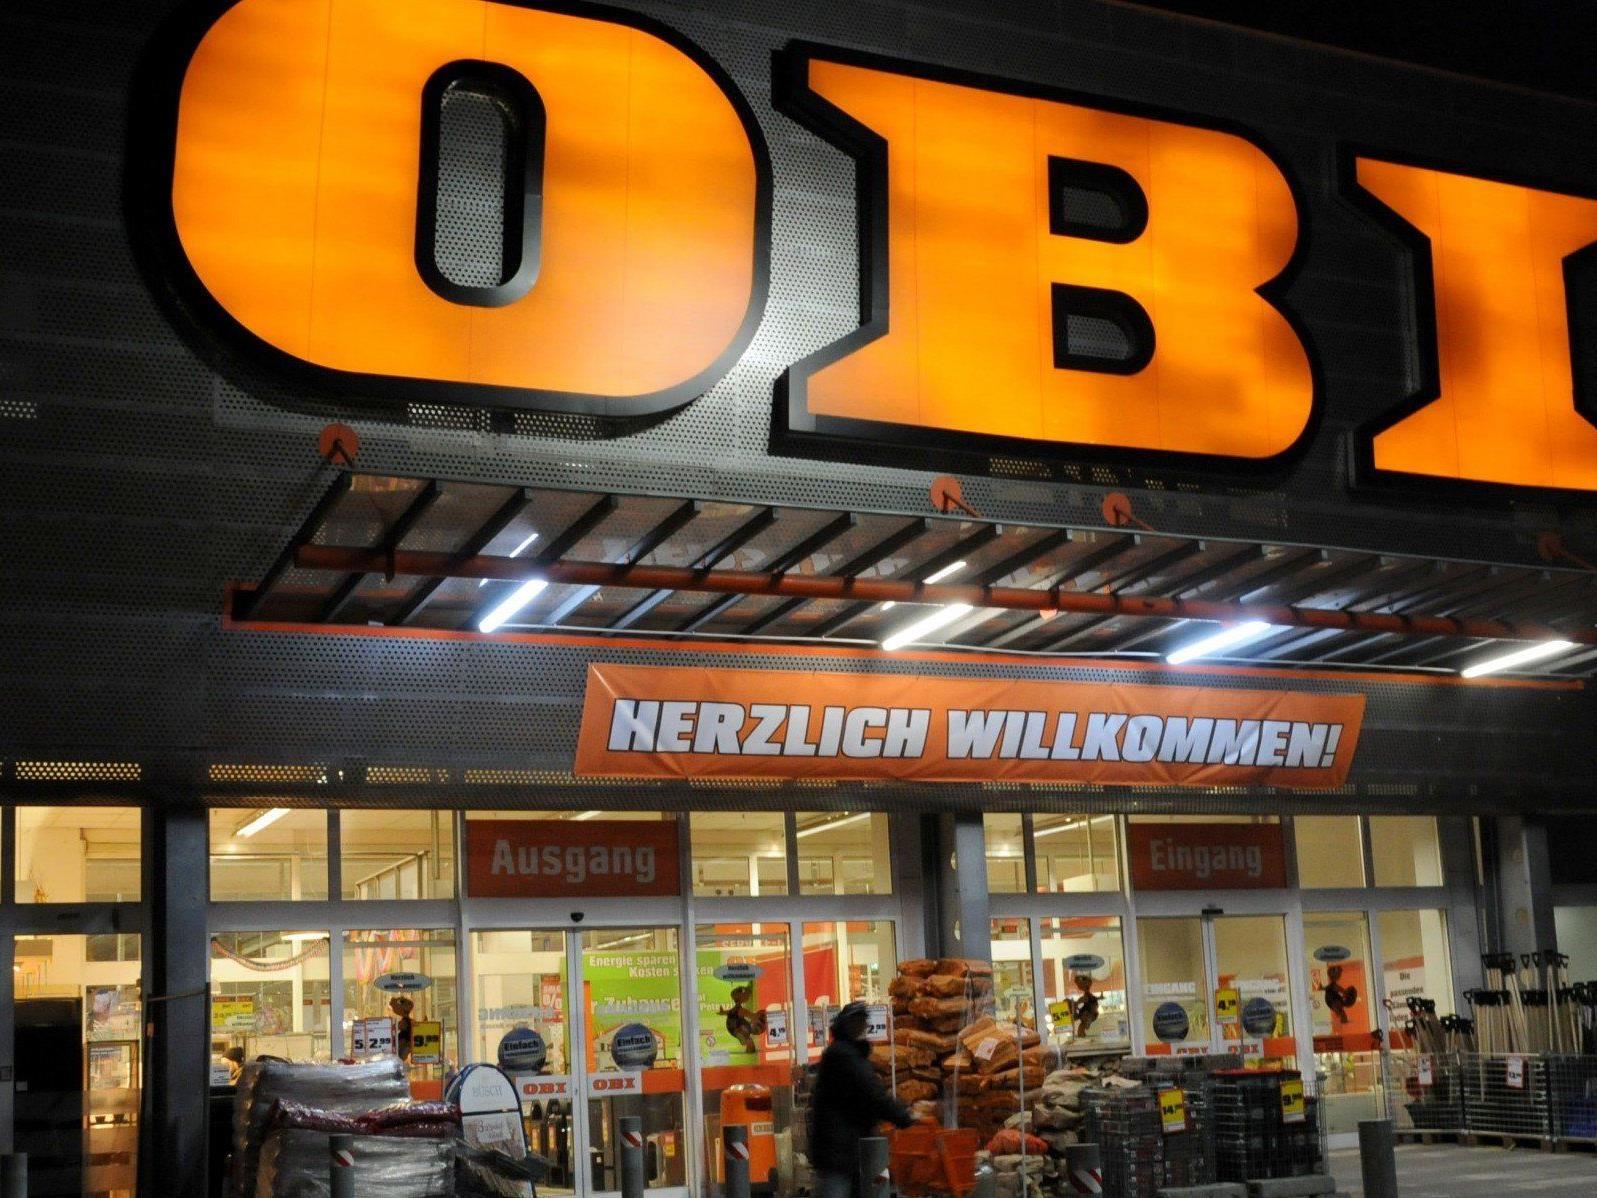 In der Obi-Zentrale in Wien-Landstraße werden 73 Mitarbeiter gekündigt.